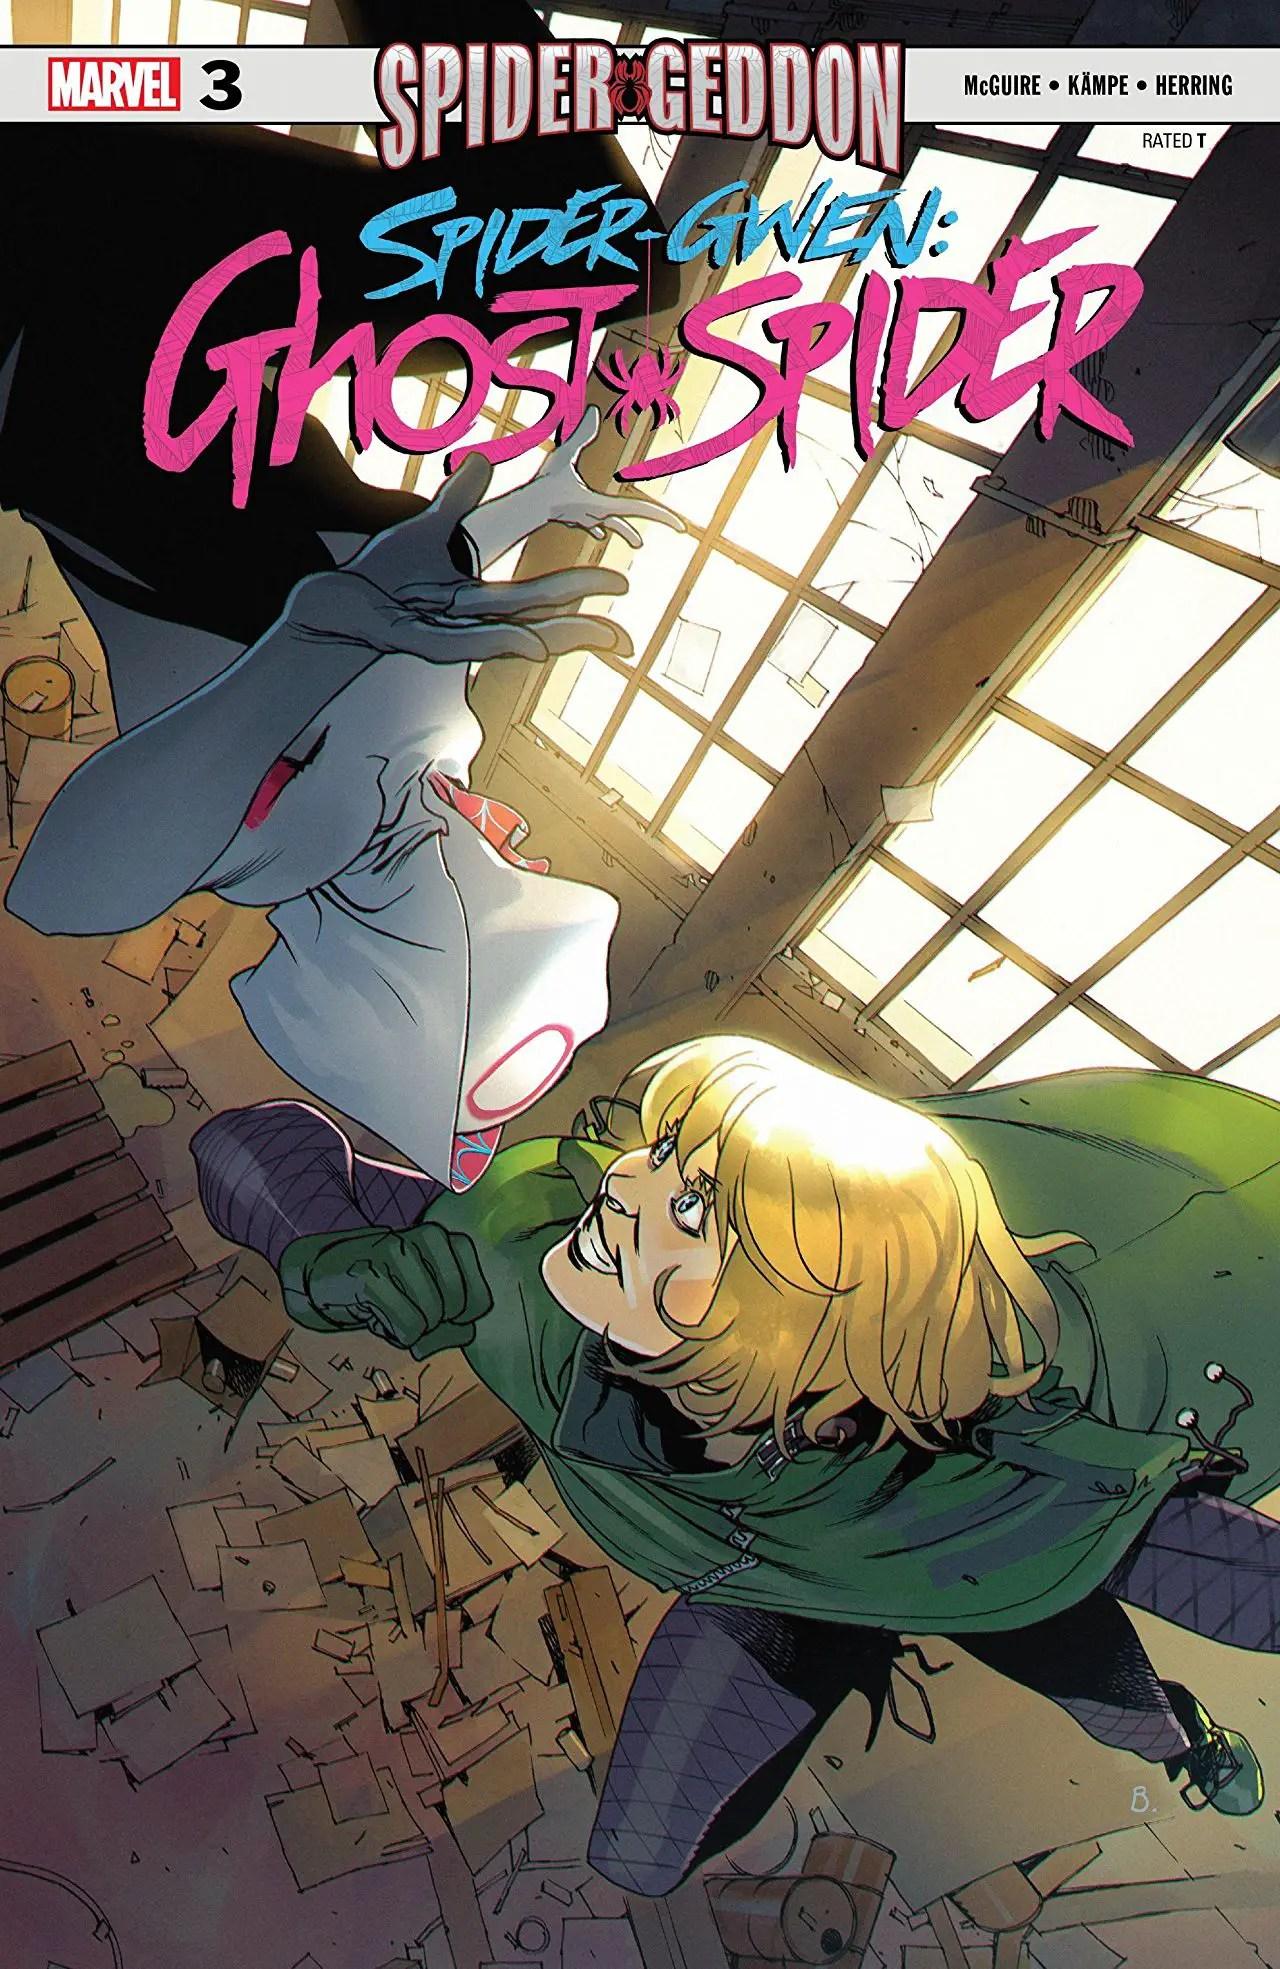 Spider-Gwen: Ghost-Spider #3 Review